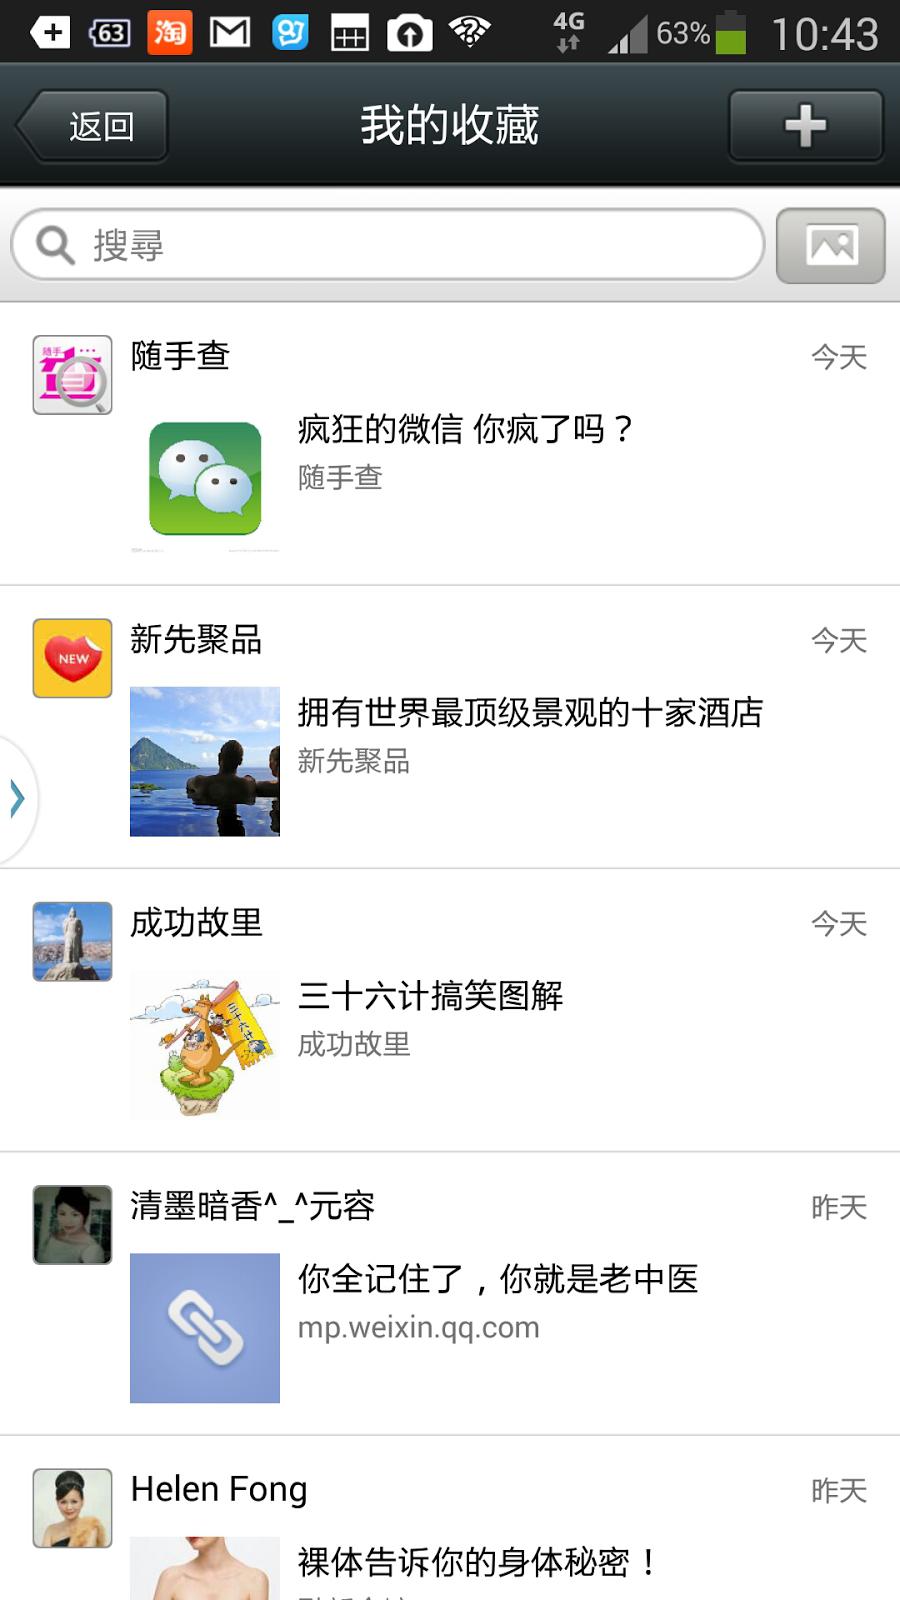 思 . 題 . 分享: 微信WeChat 5.0 應用教學(一)設置篇